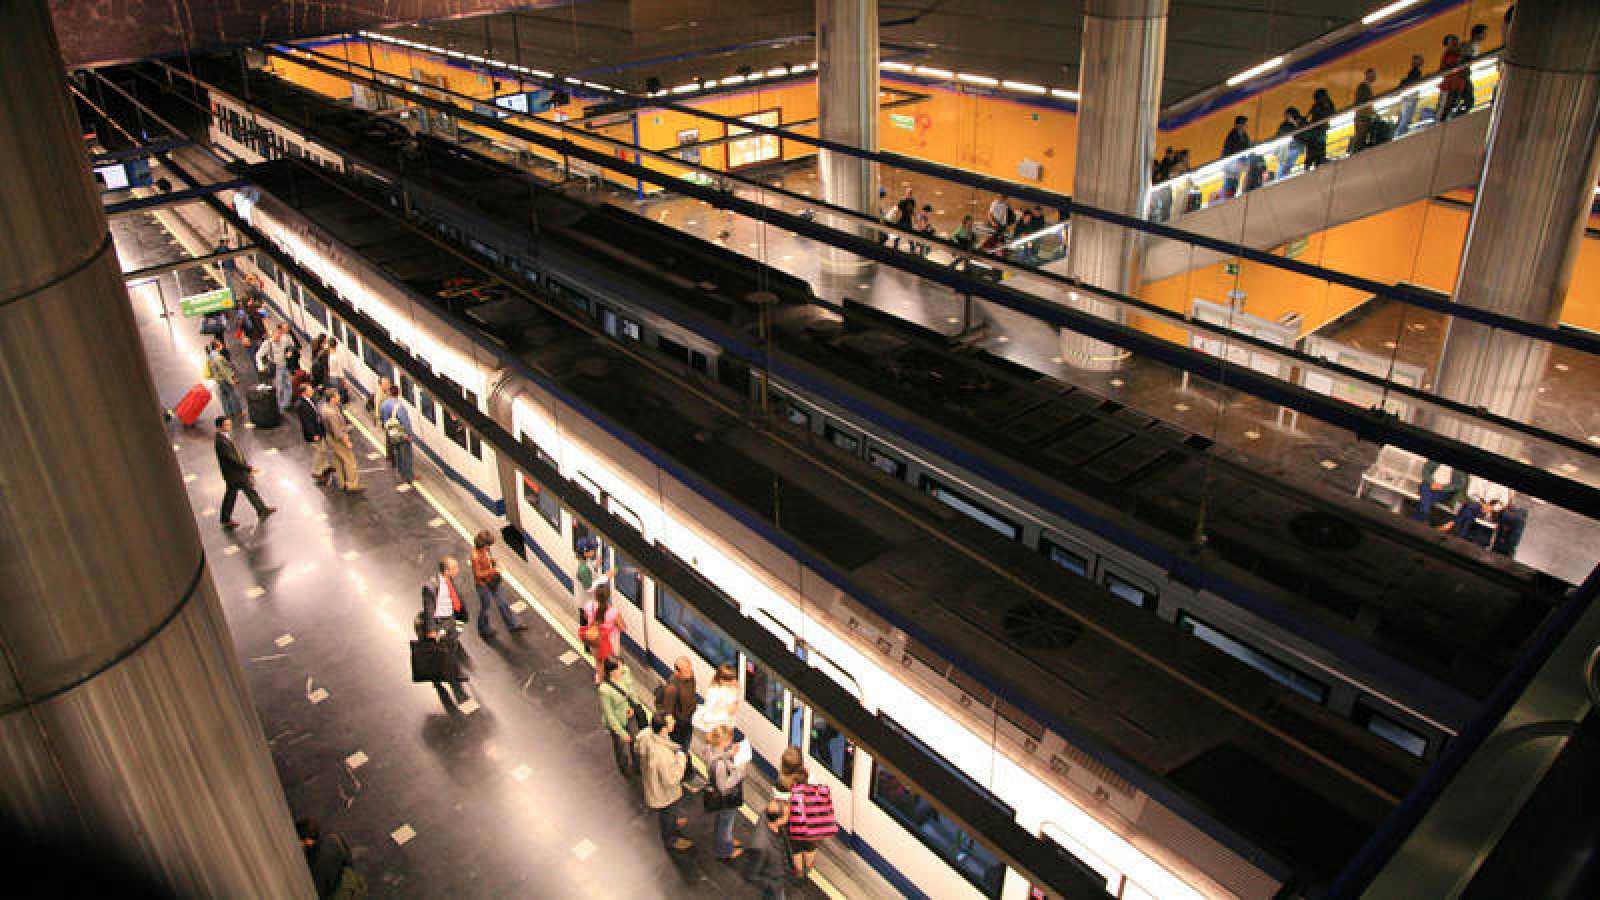 Pasajeros suben y bajan del tren en la estación del Aeropuerto de la línea 8 de Metro.